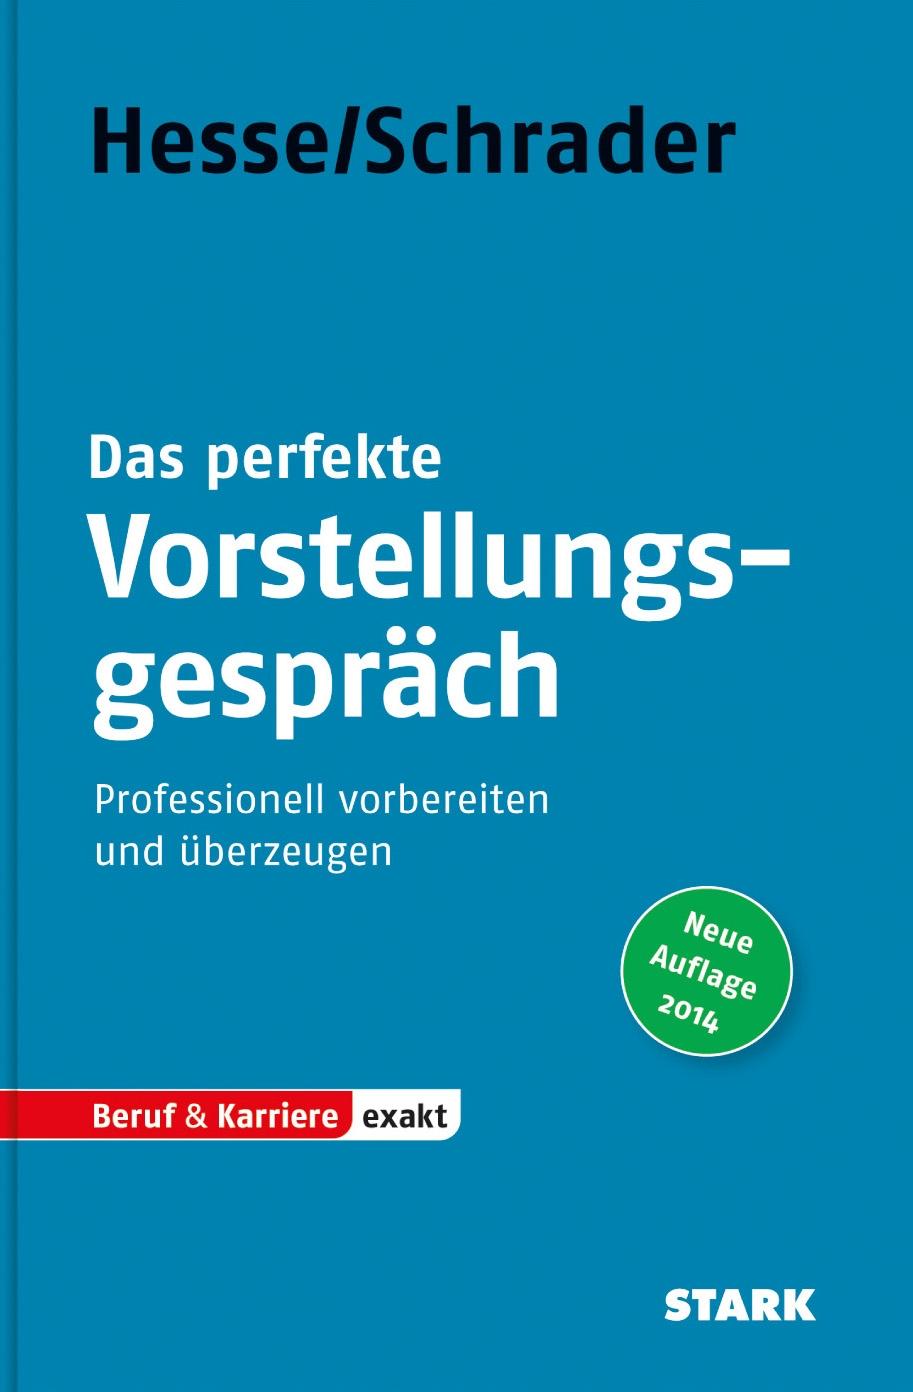 Bewerbung Beruf & Karriere: Hesse/Schrader: EXAKT - Das perfekte Vorstellungsgespräch: Professionell vorbereiten und überzeugen